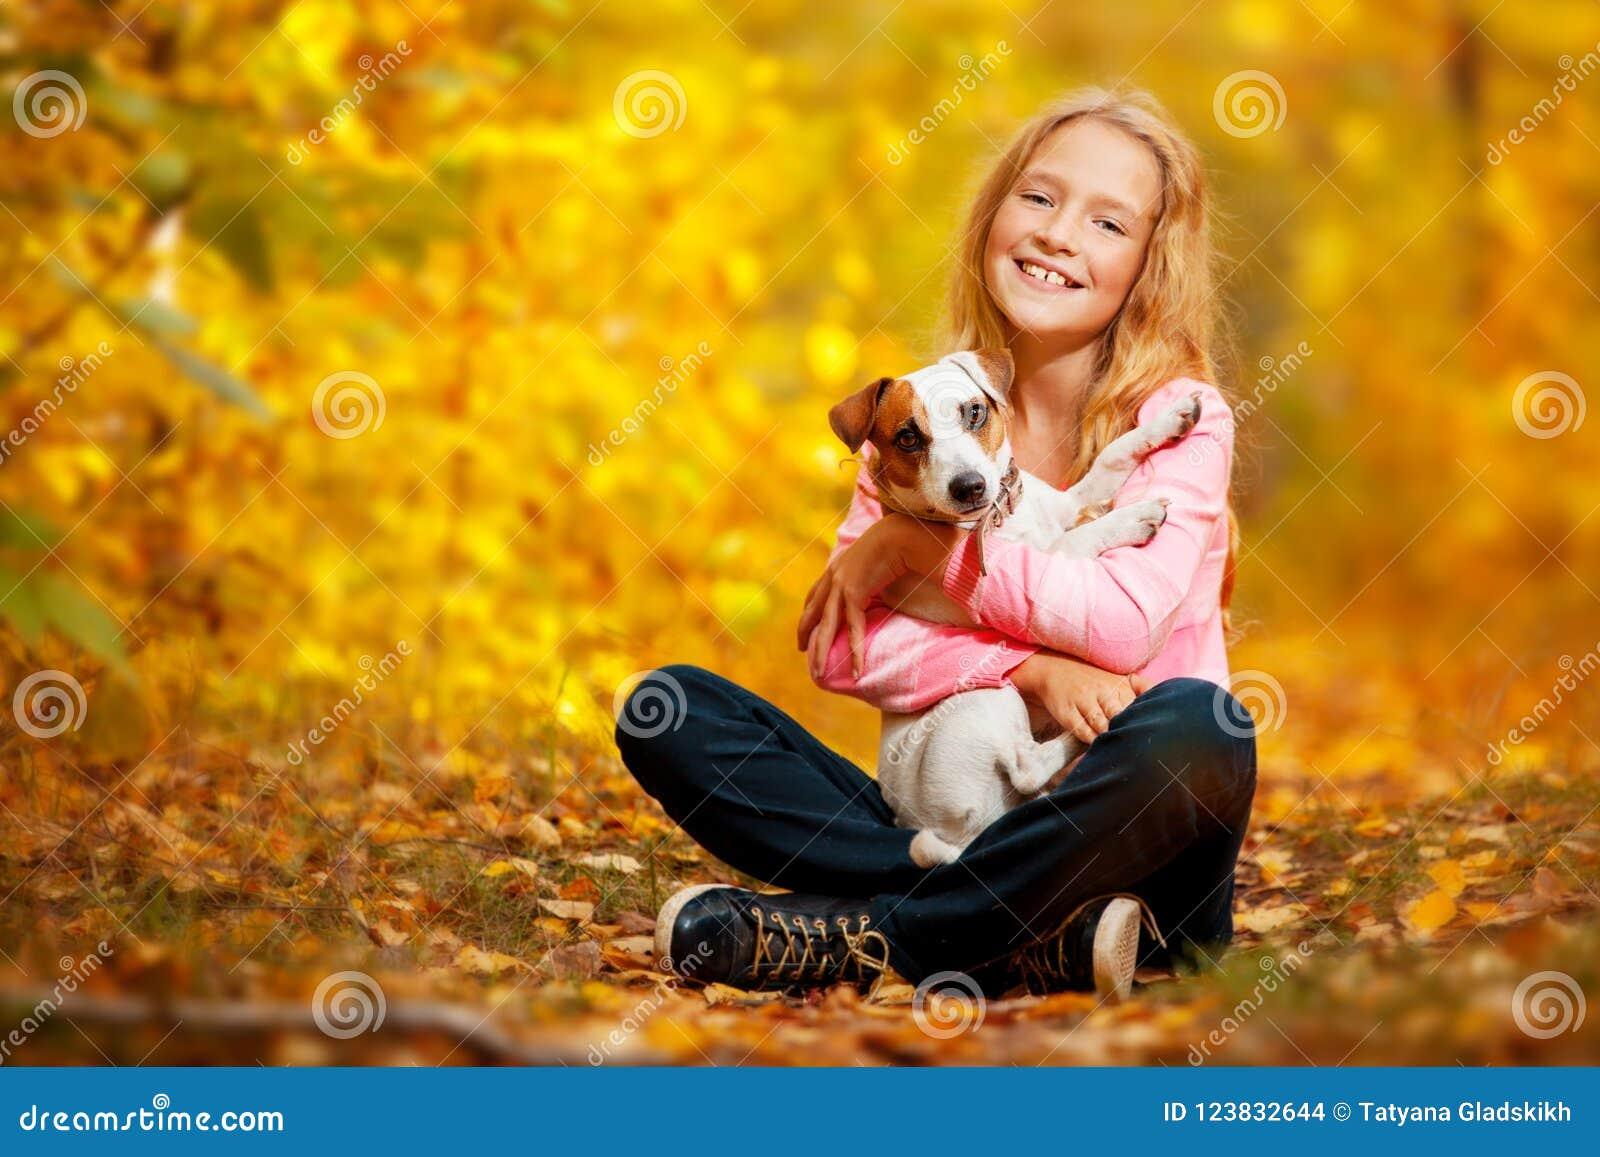 Szczęśliwa dziewczyna z psem przy jesienią